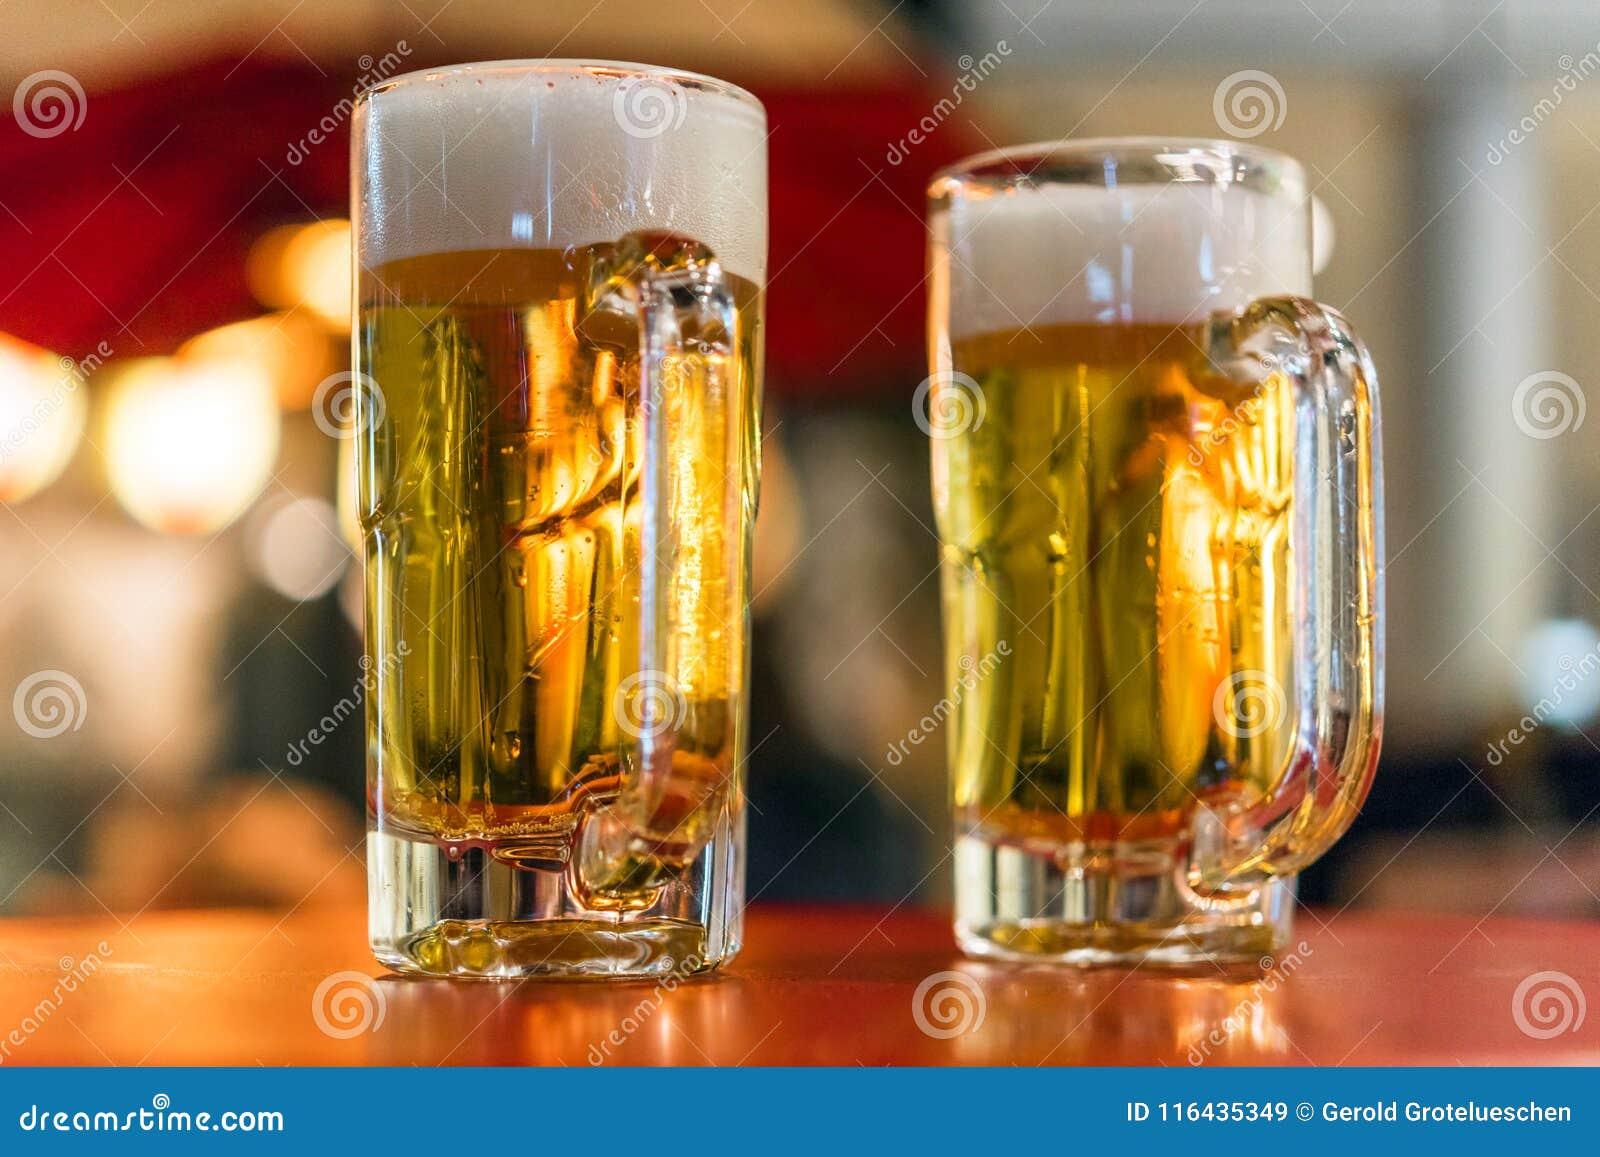 Twee glazen met bier op de lijst, Tokyo, Japan Close-up